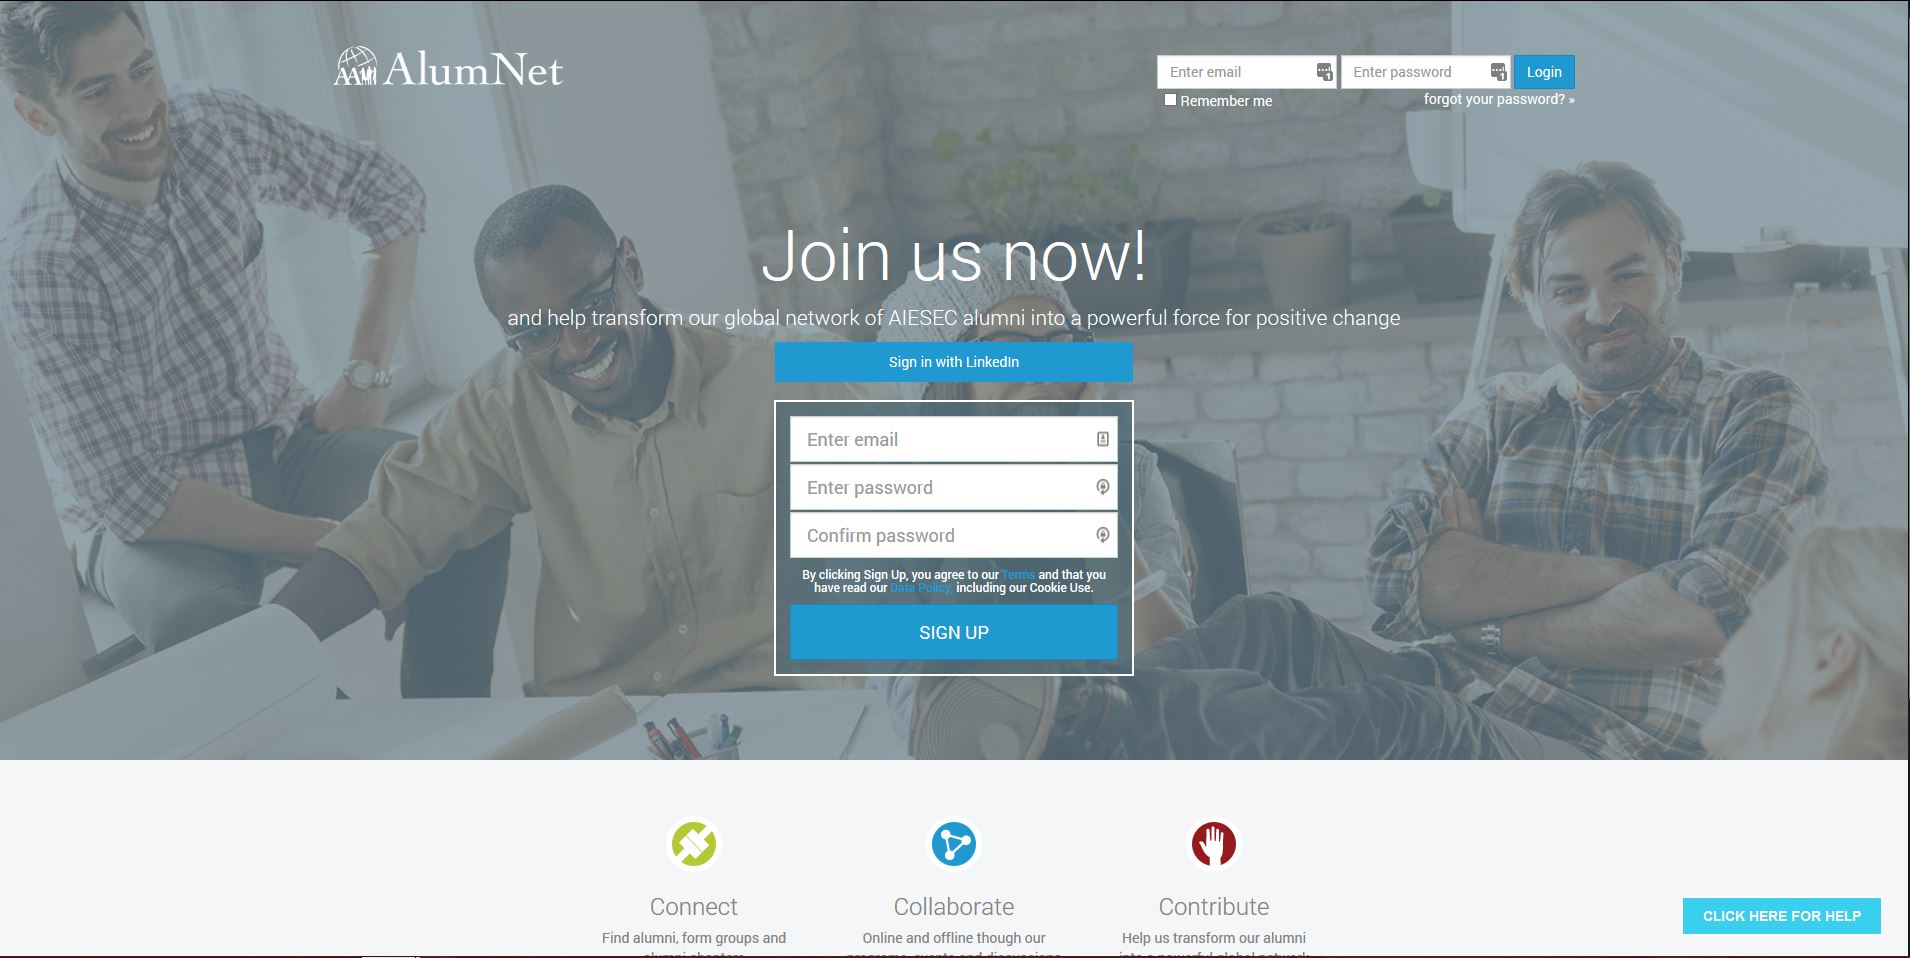 Capture of the Alumnet website